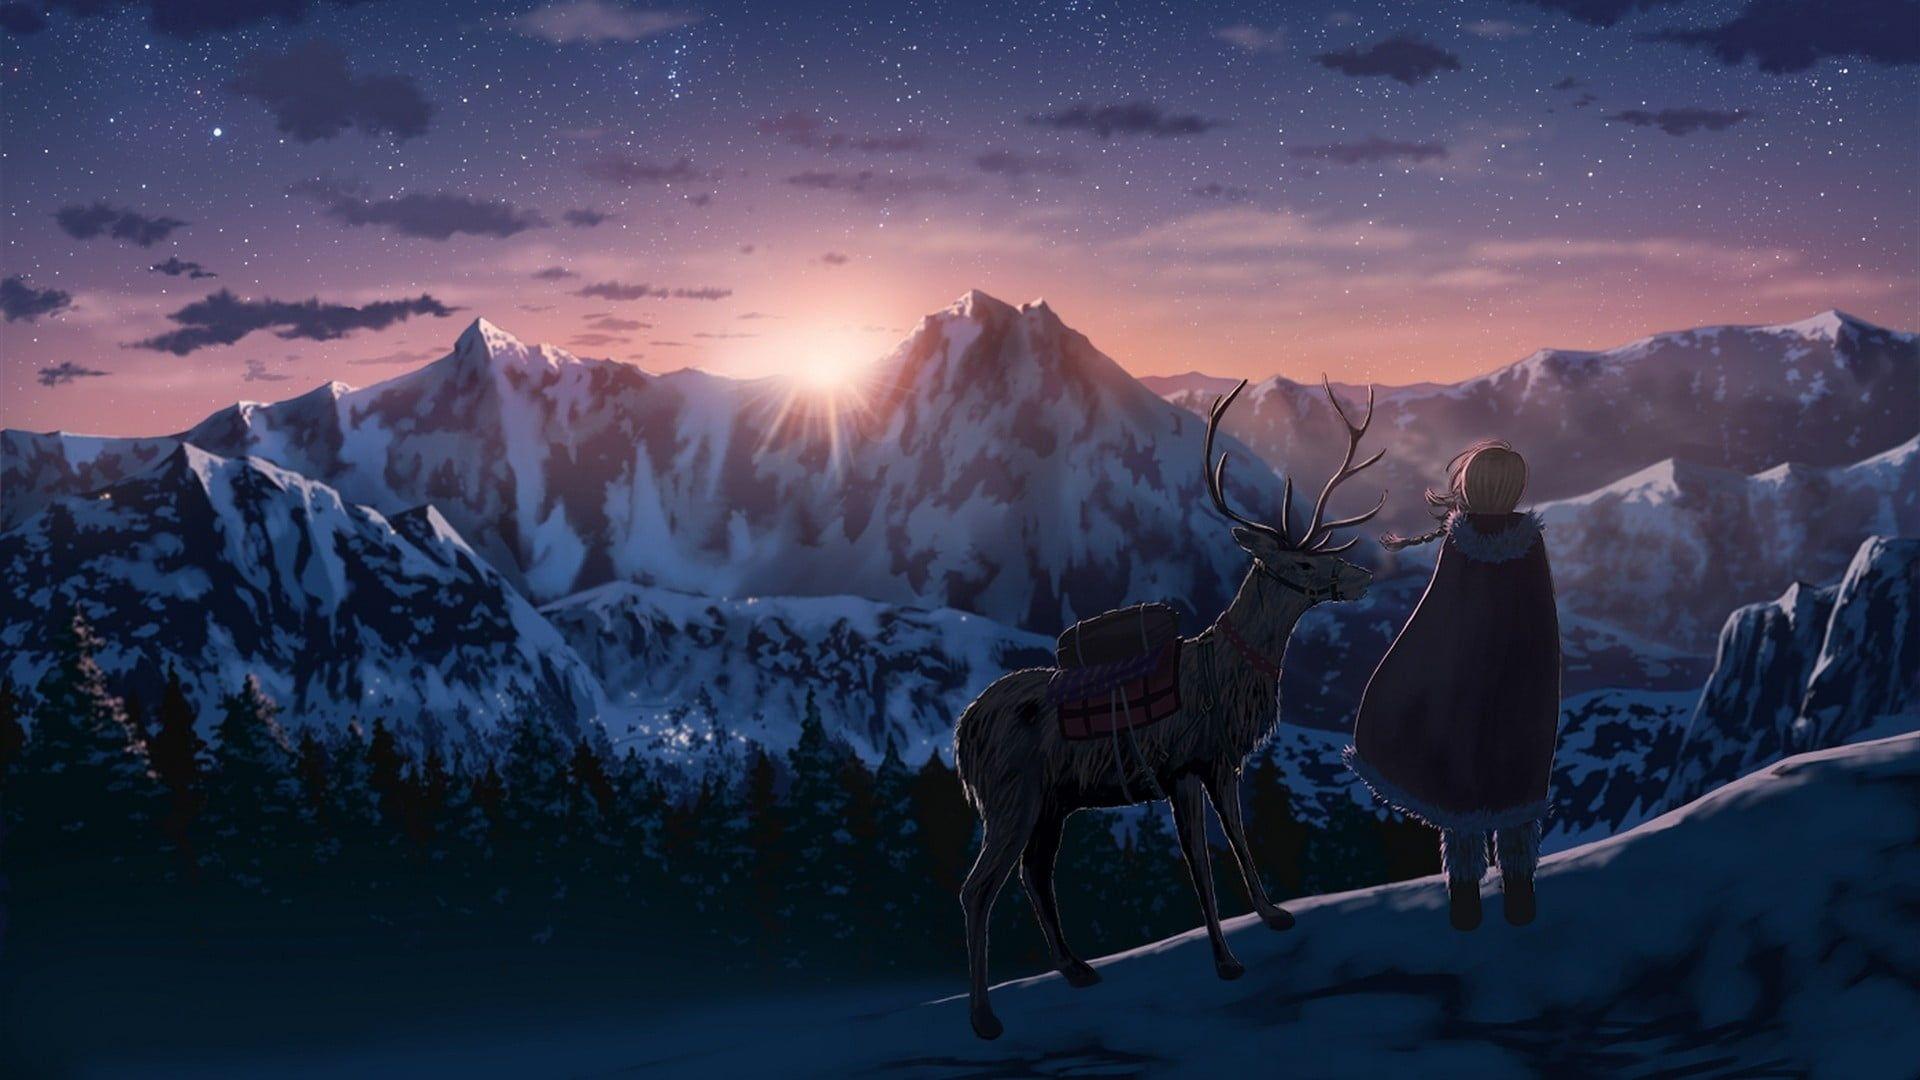 Anime Anime Girls Deer Snow Winter Mountains Sunset 1080p Wallpaper Hdwallpaper Desktop Anime Scenery Anime Wallpaper 1080p Anime Wallpaper